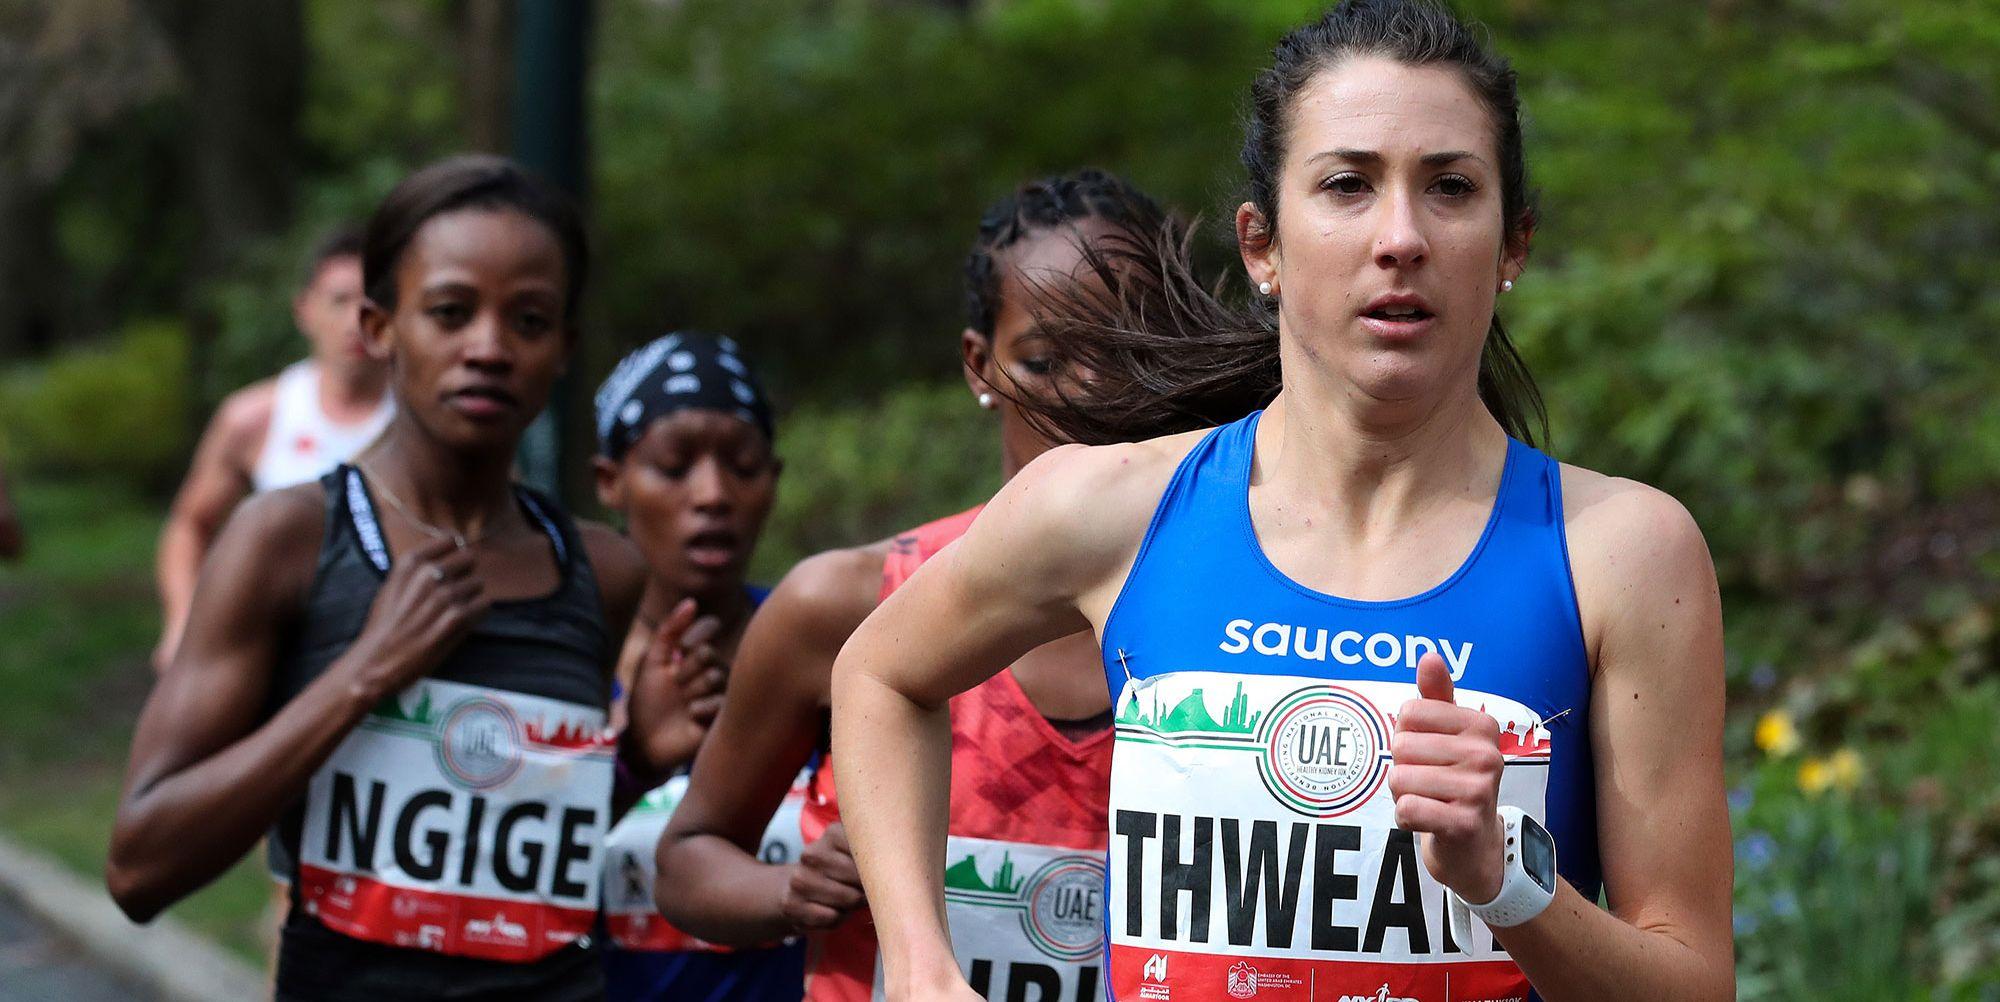 Laura Thweatt